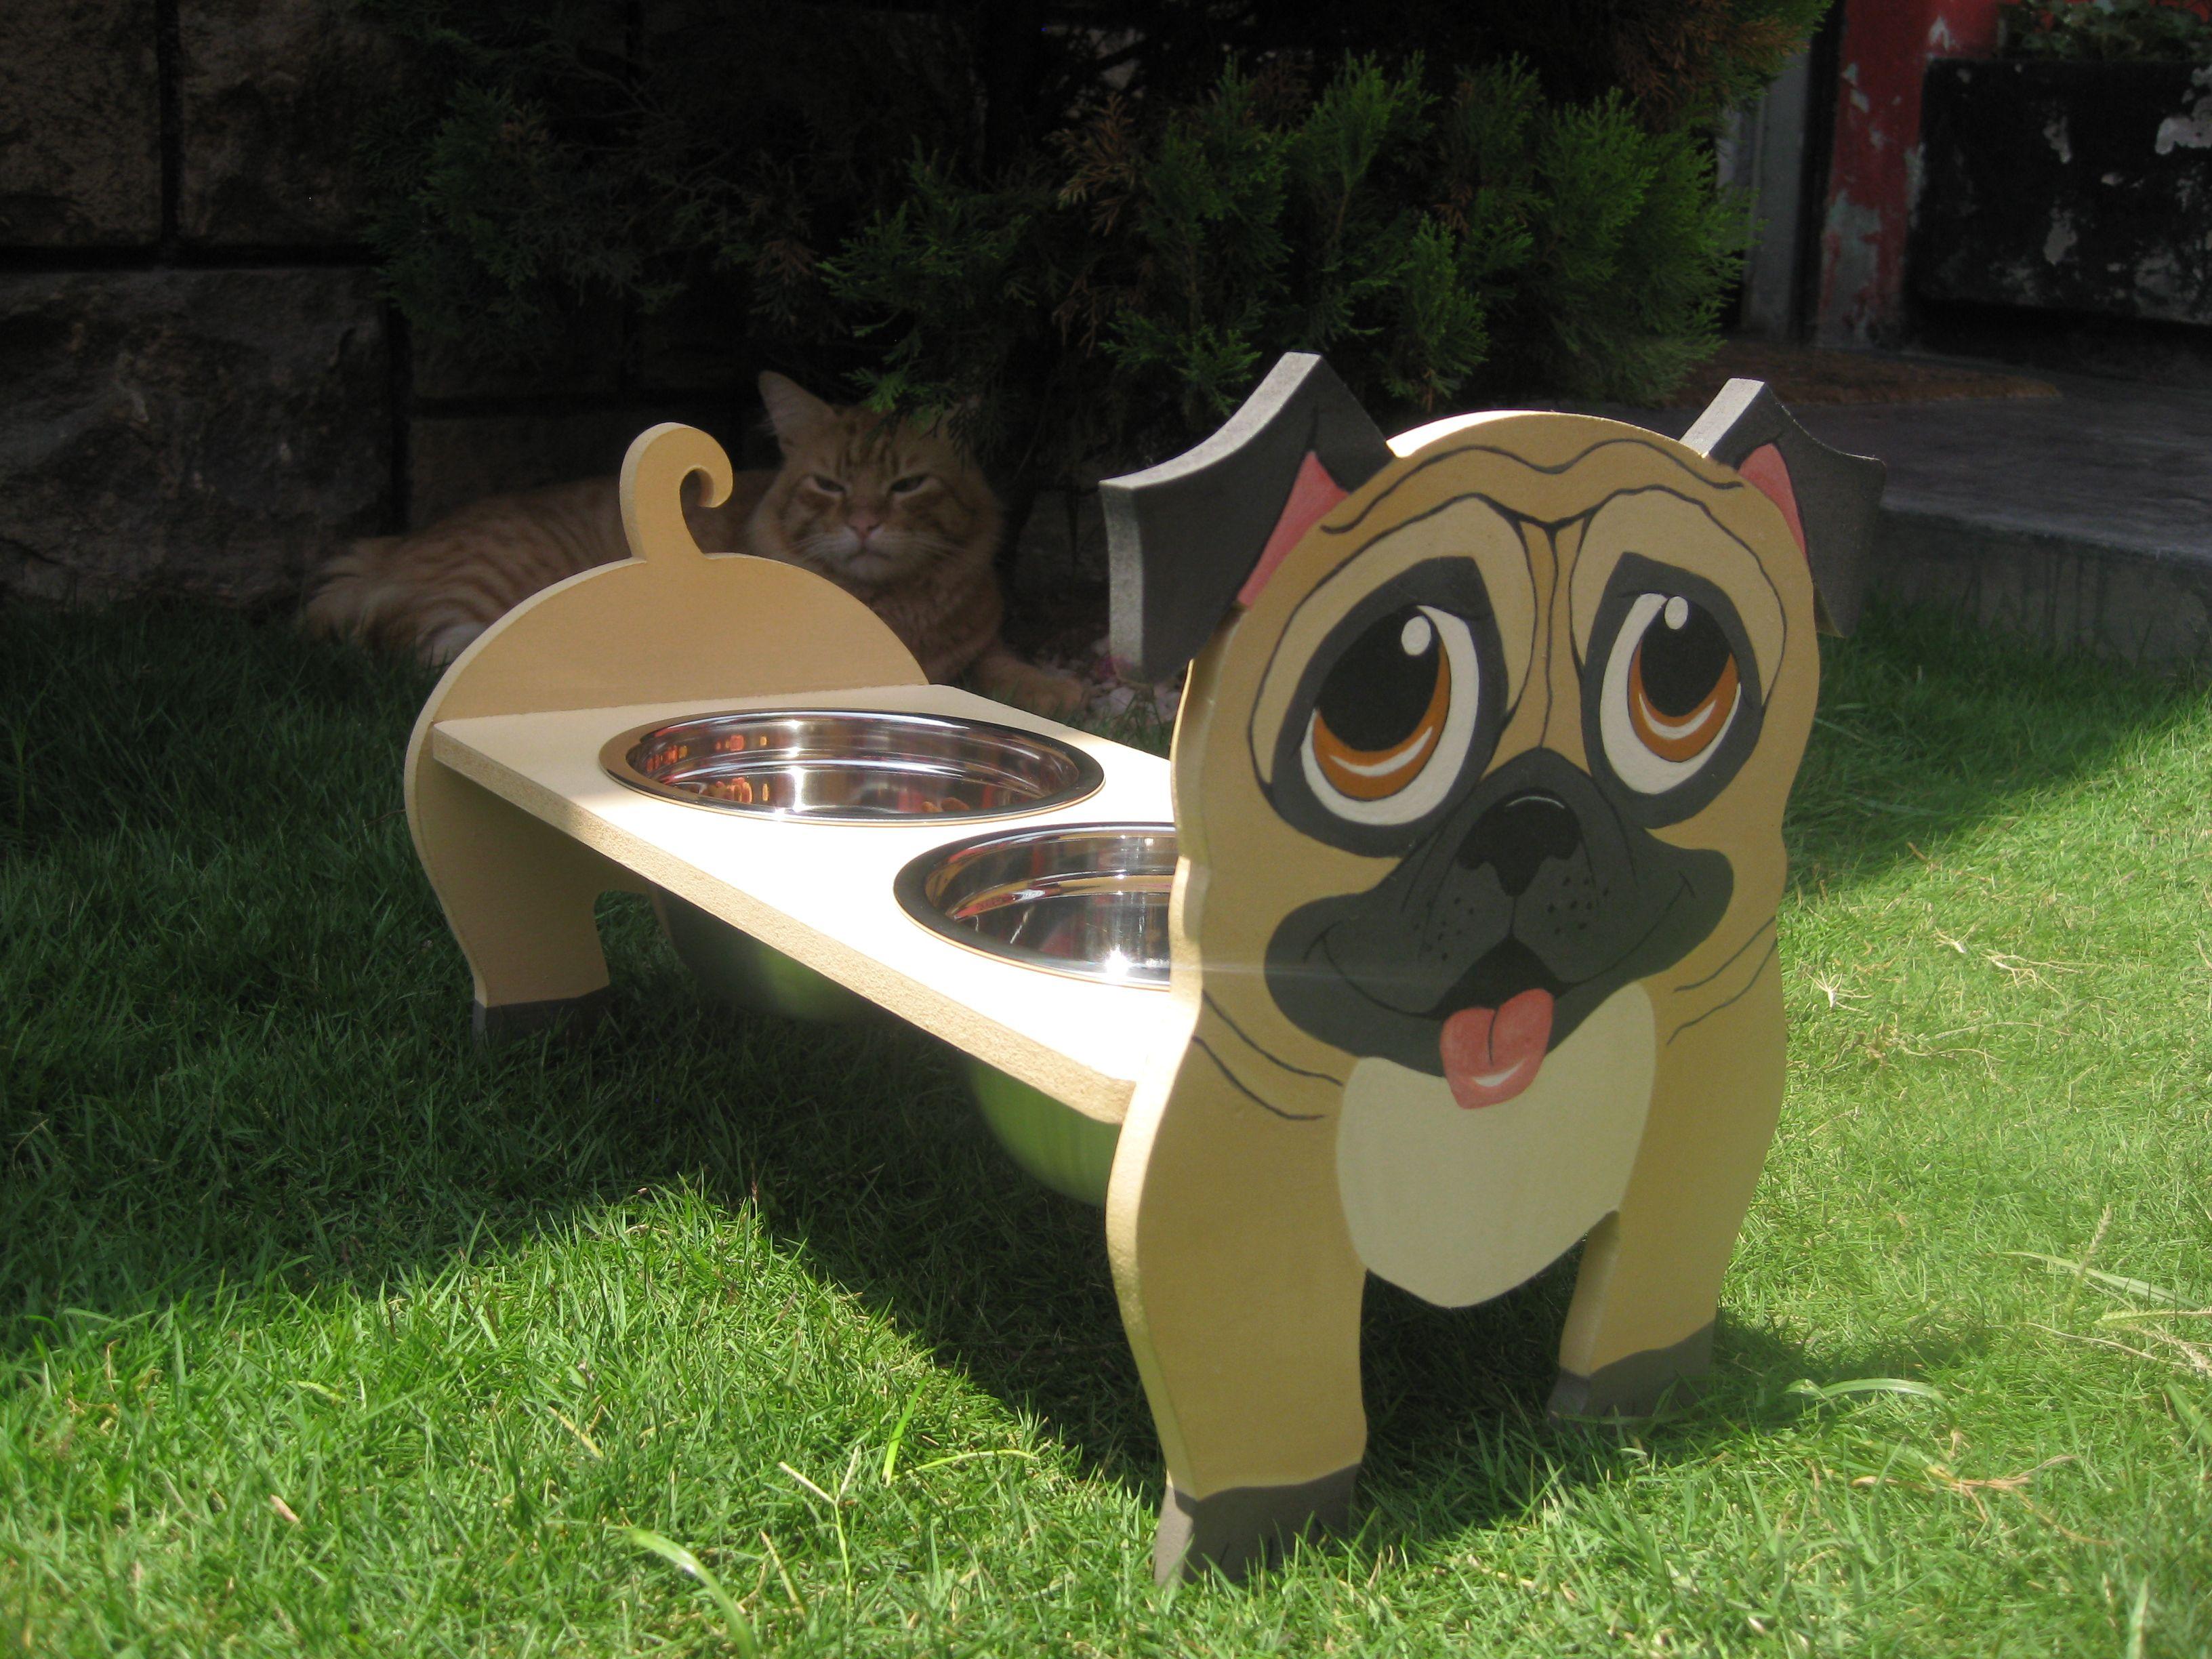 Comederos para pugs cel 956767160 mascotas pinterest for Comederos para perros